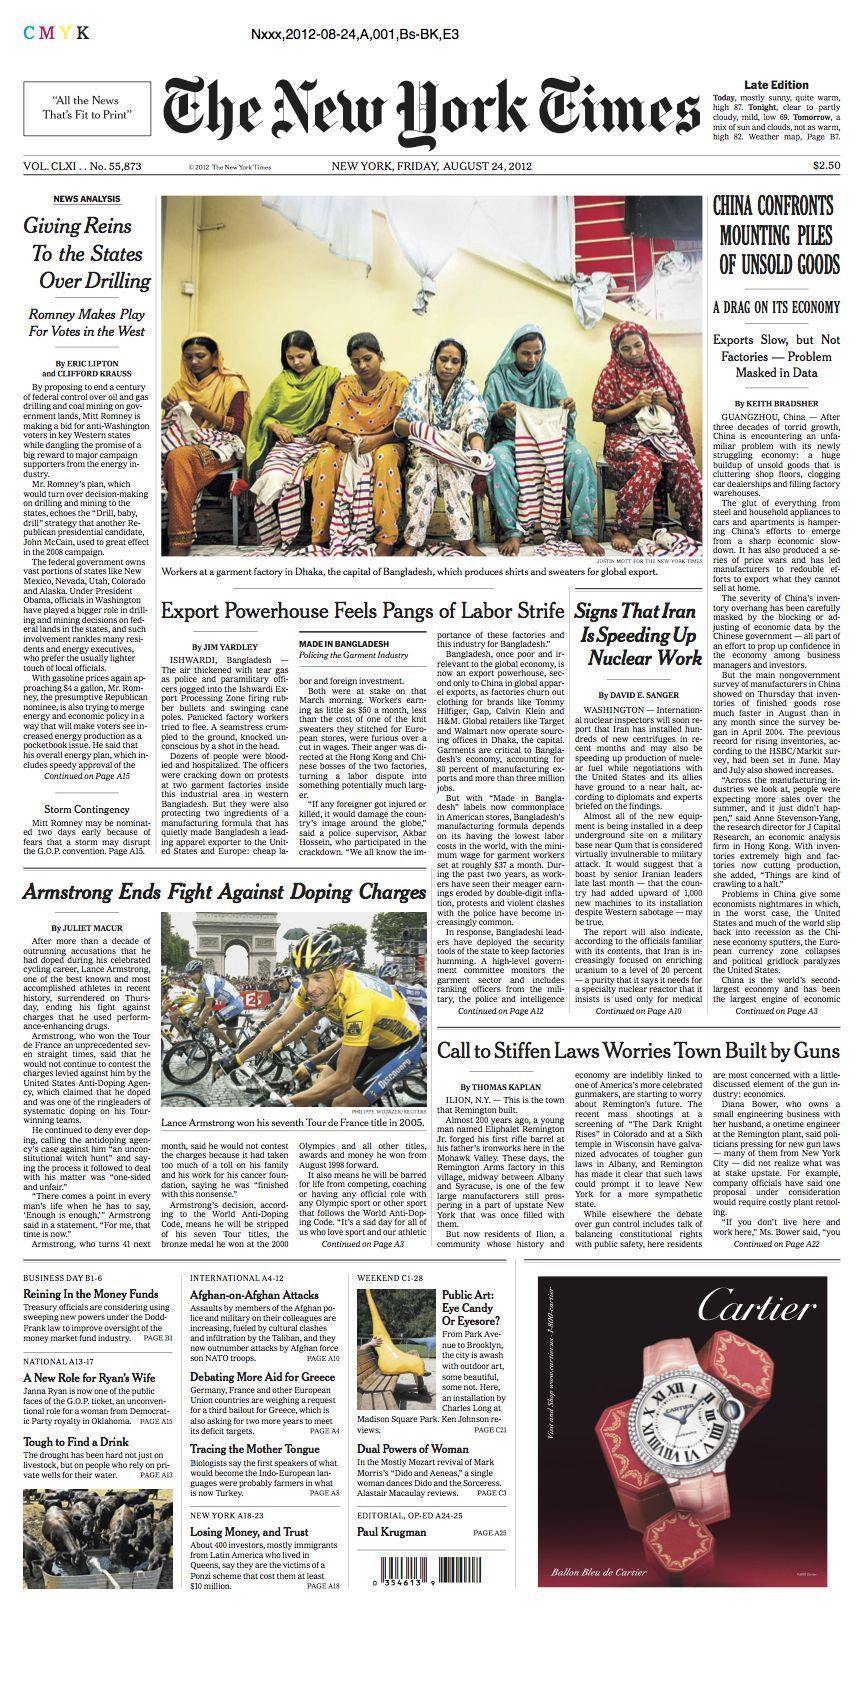 Justin_Mott_New_York_Times_Cover-1.jpg